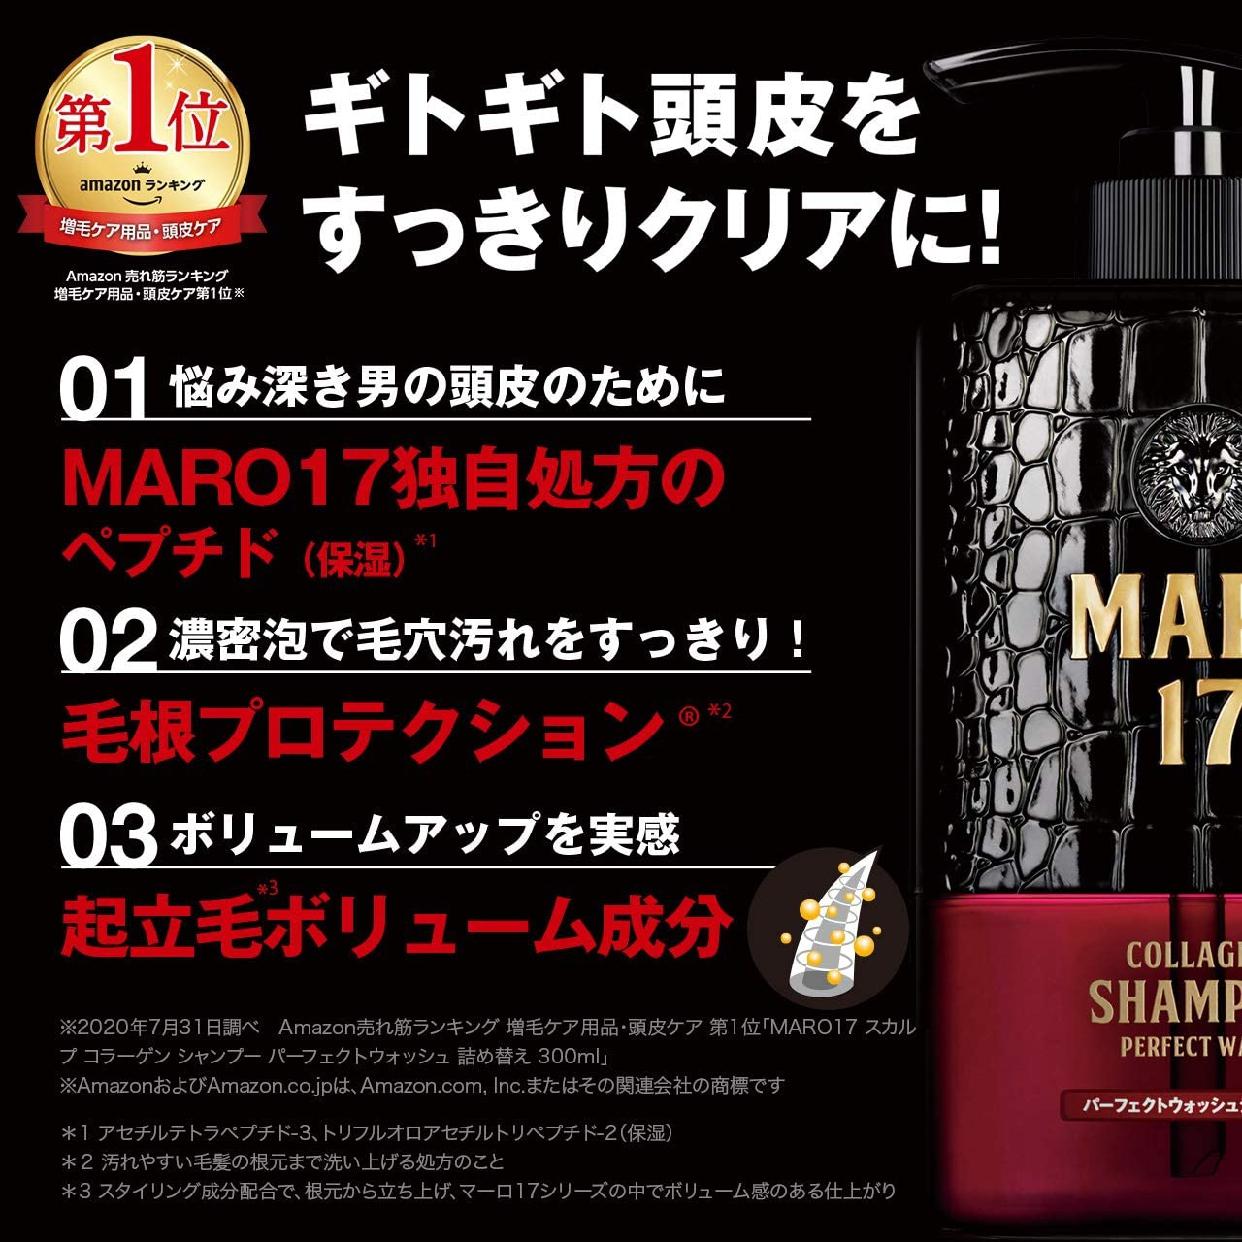 MARO17(マーロ17) スカルプ コラーゲン シャンプー パーフェクトウォッシュの商品画像9